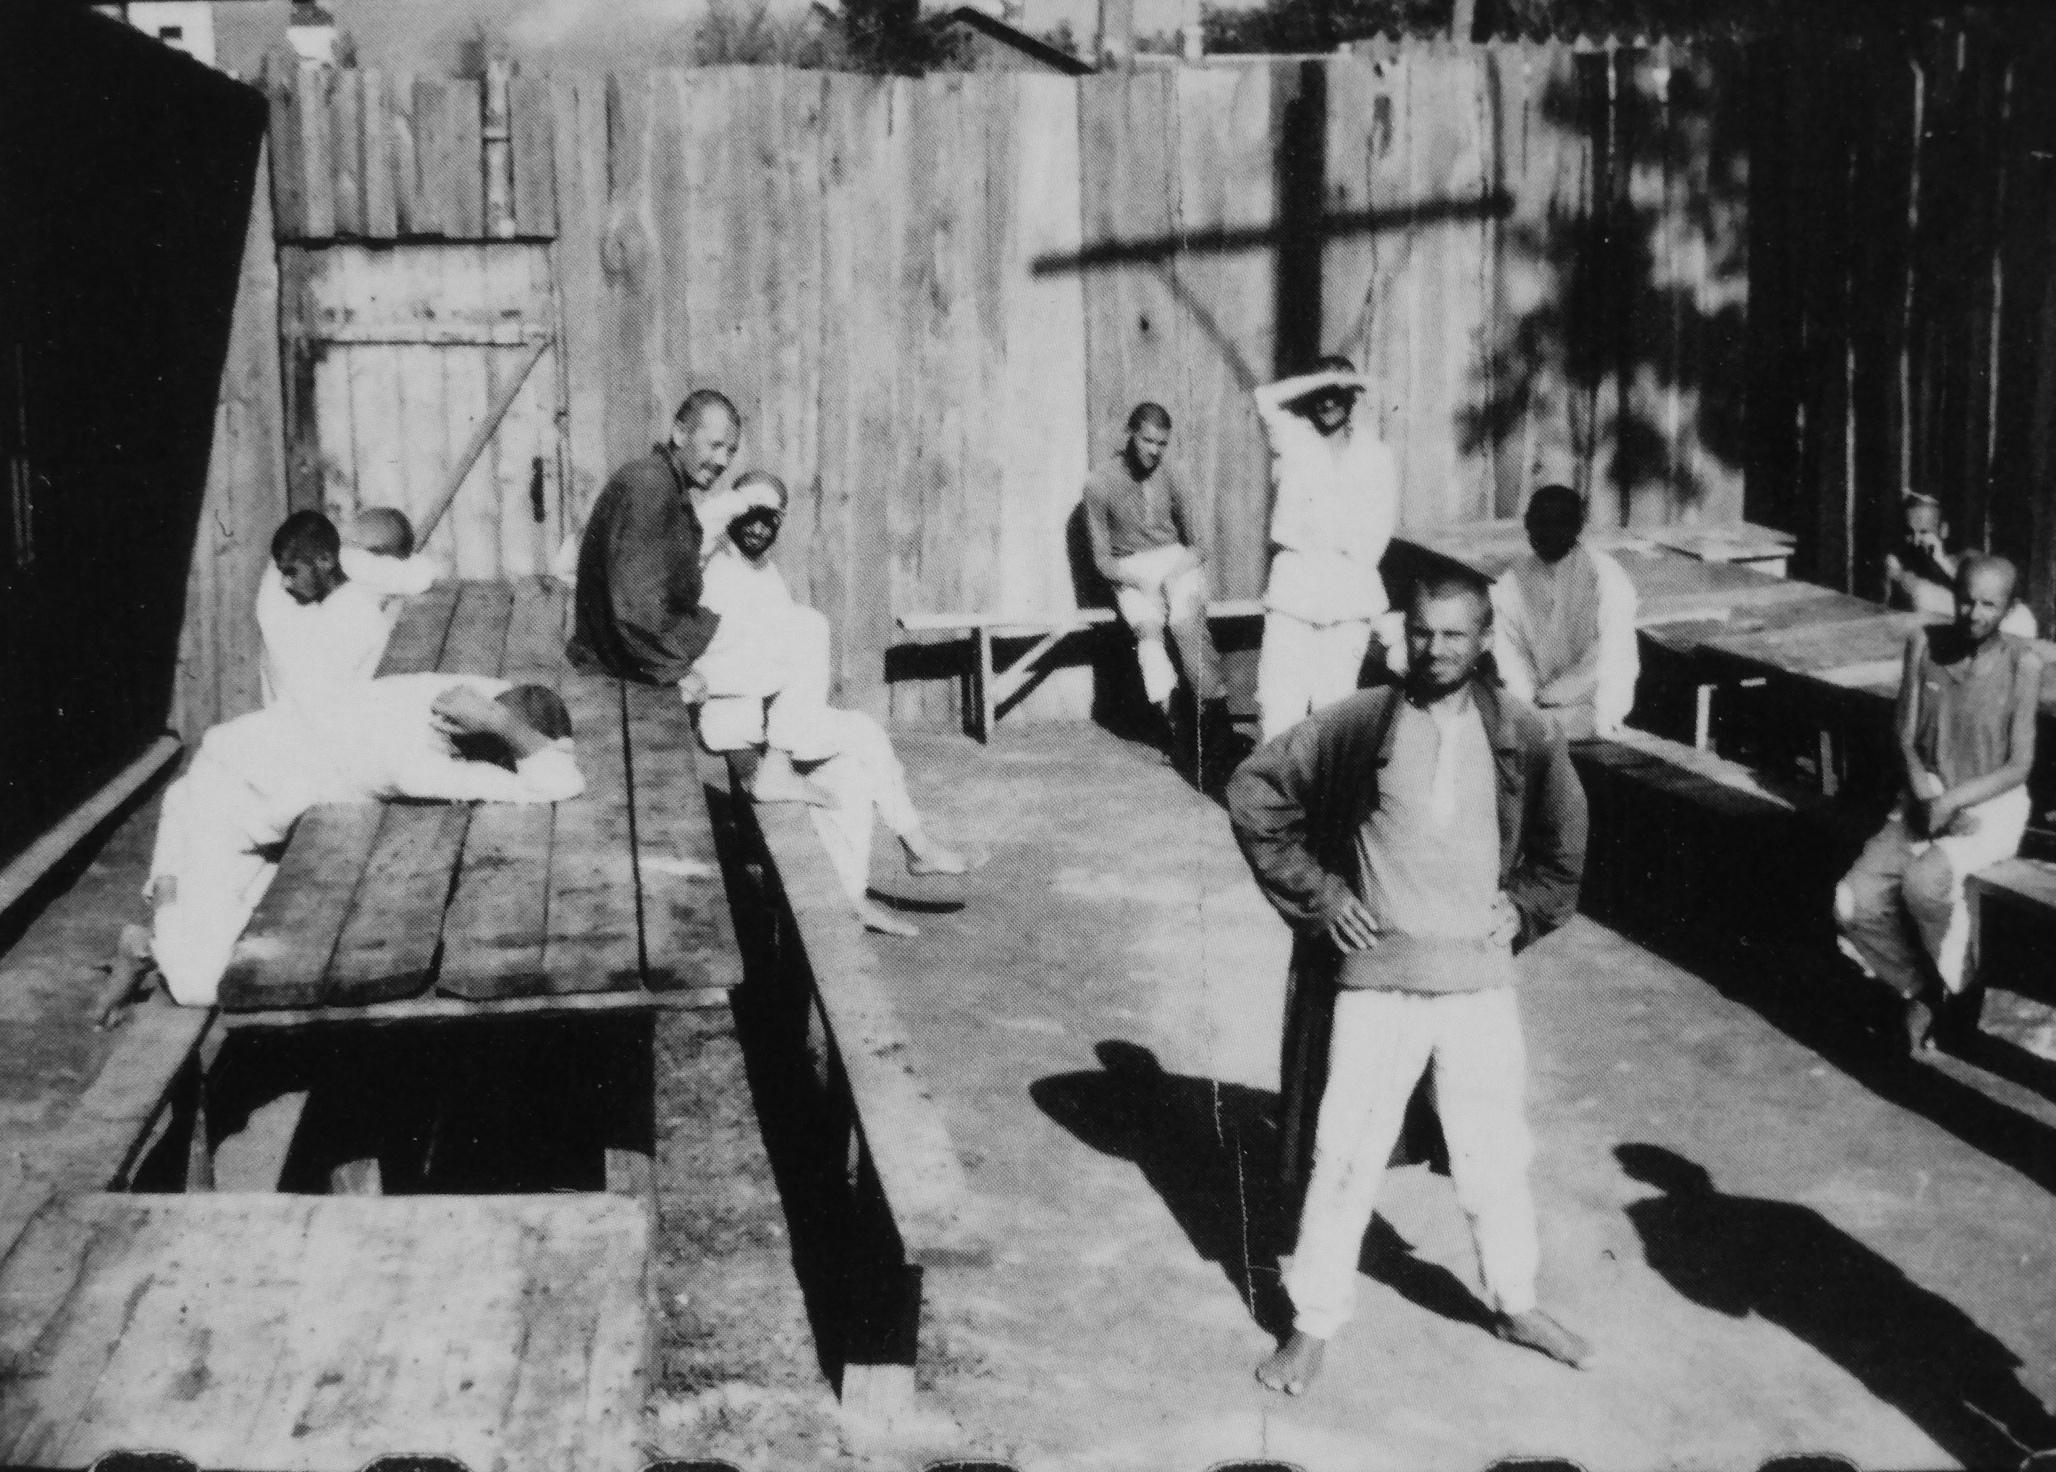 1941. Пациенты психиатрической больницы в деревне Новинки под Минском во время визита рейхсфюрера СС Г. Гиммлера